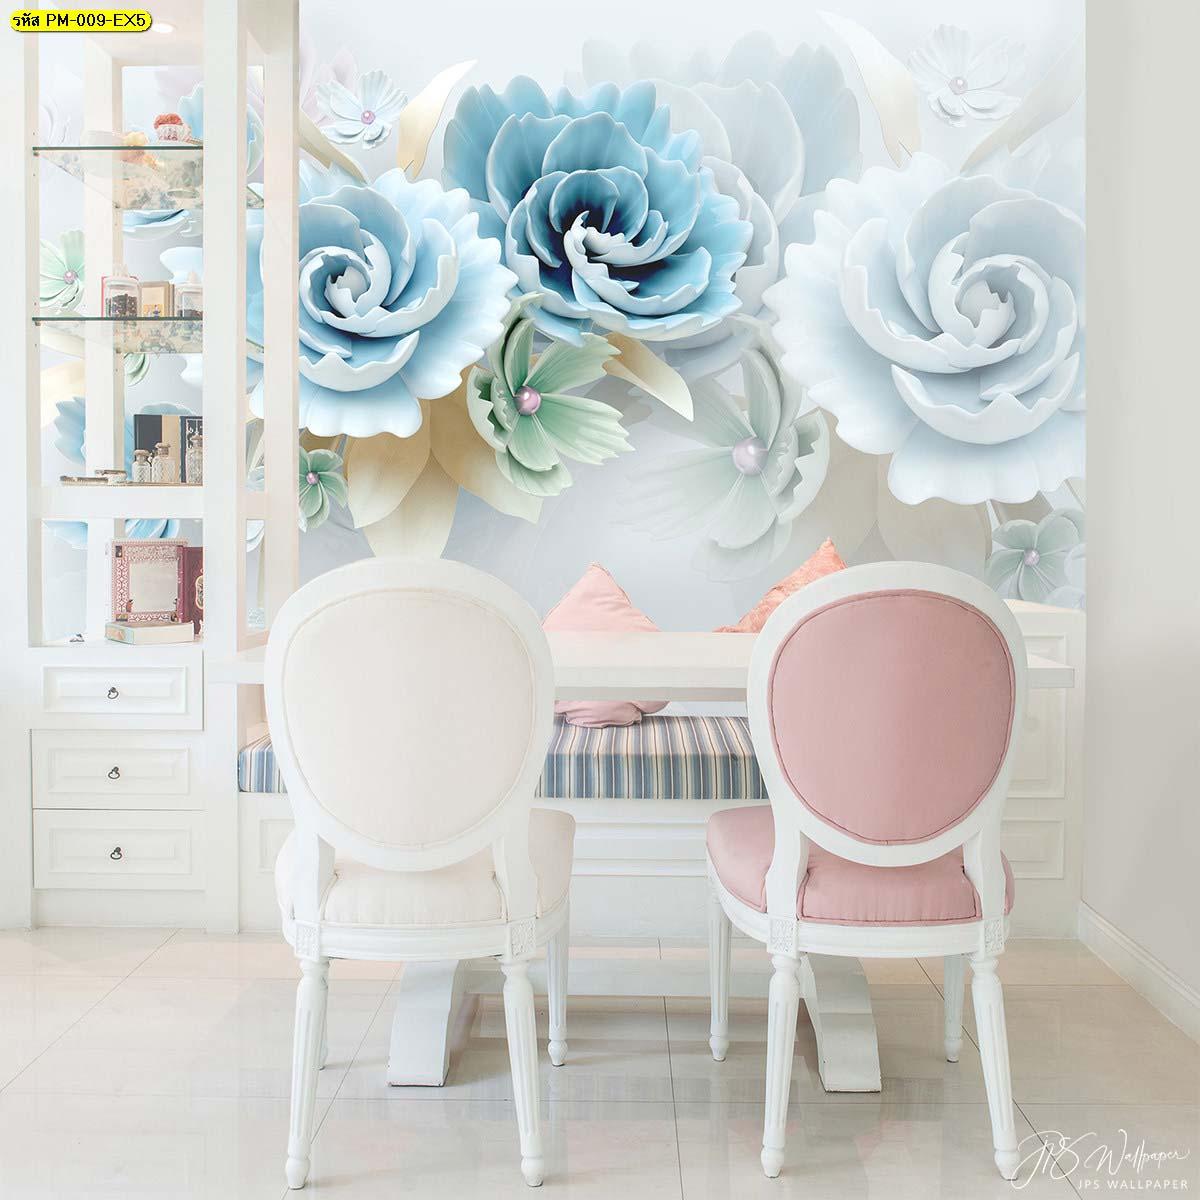 วอลเปเปอร์ดอกไม้สามมิติในห้องนั่งเล่นสวยหวาน